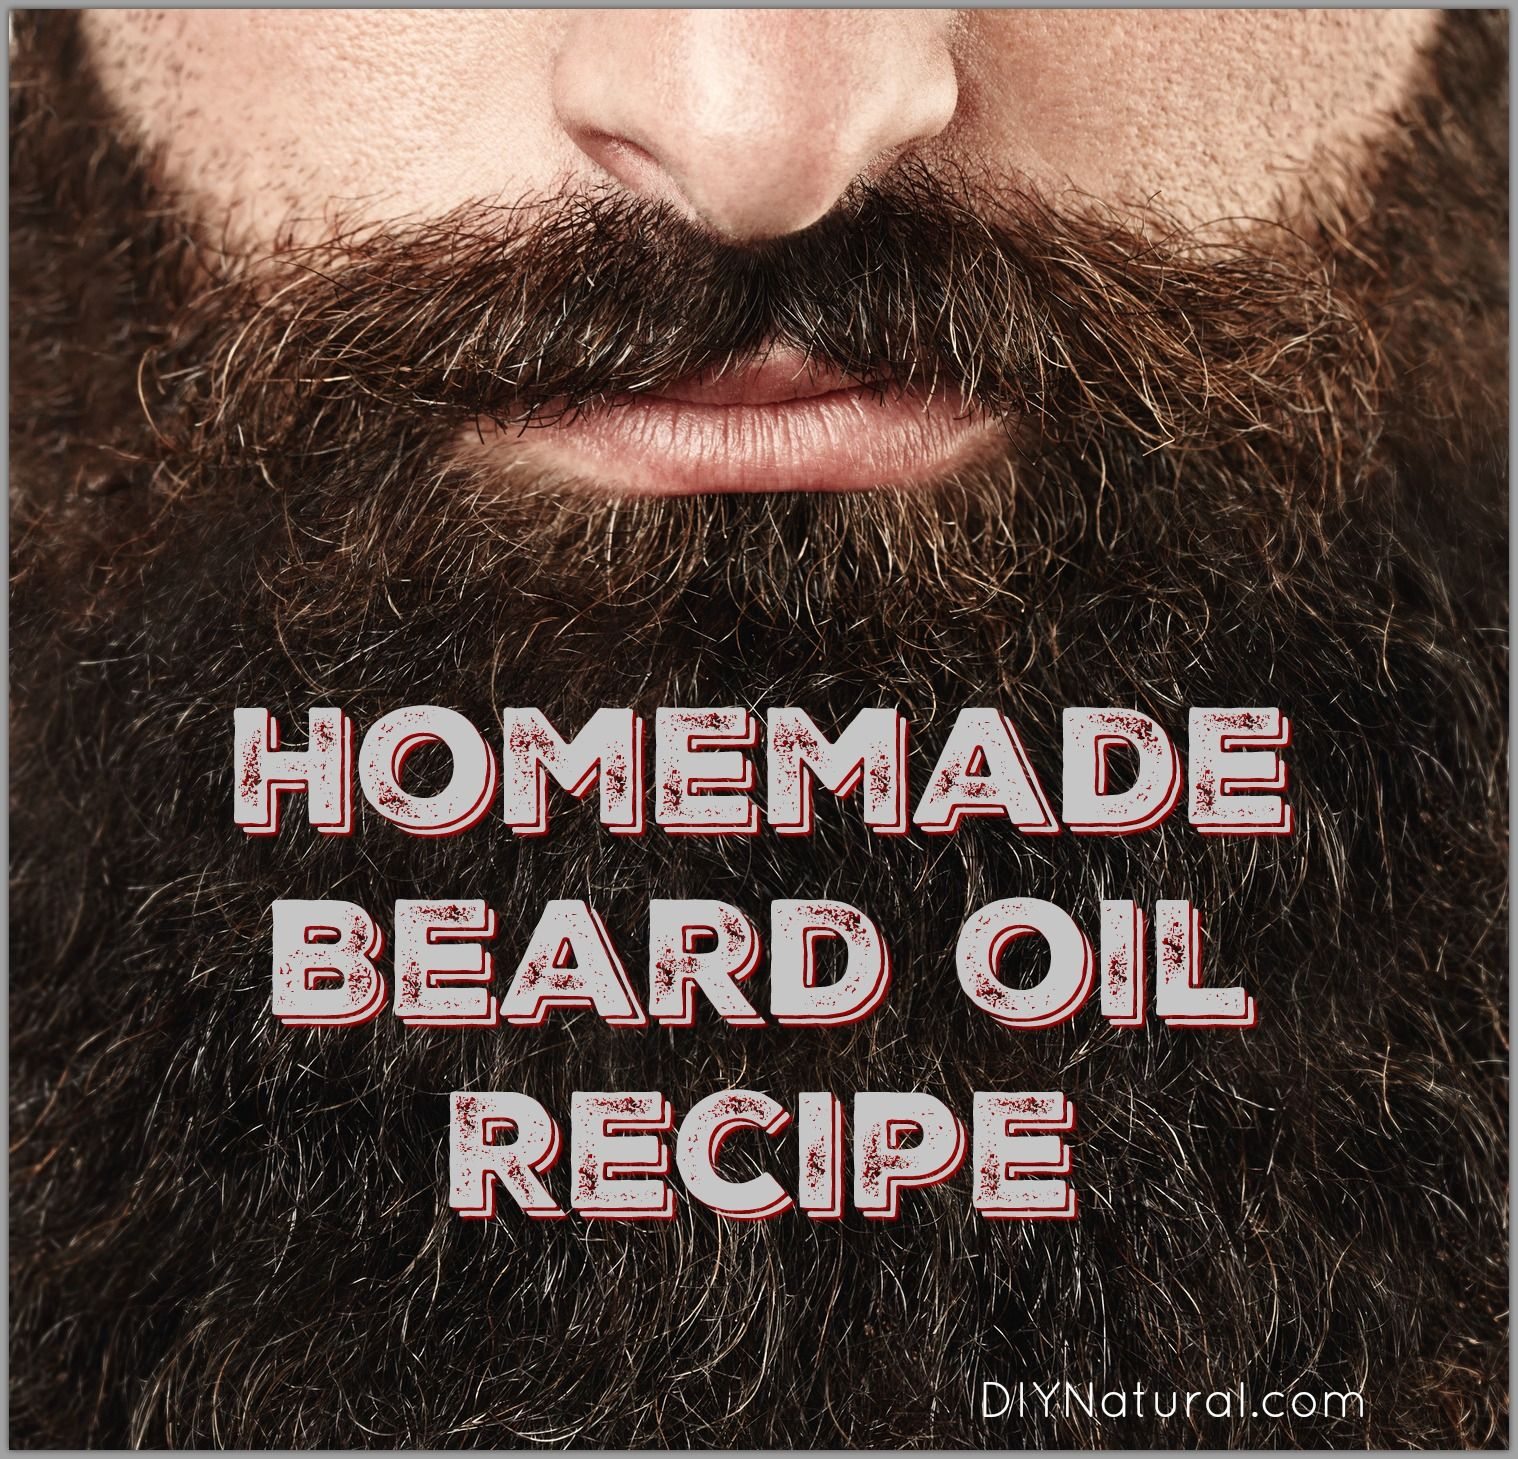 Beard oil recipe homemade beard oil to soften your beard